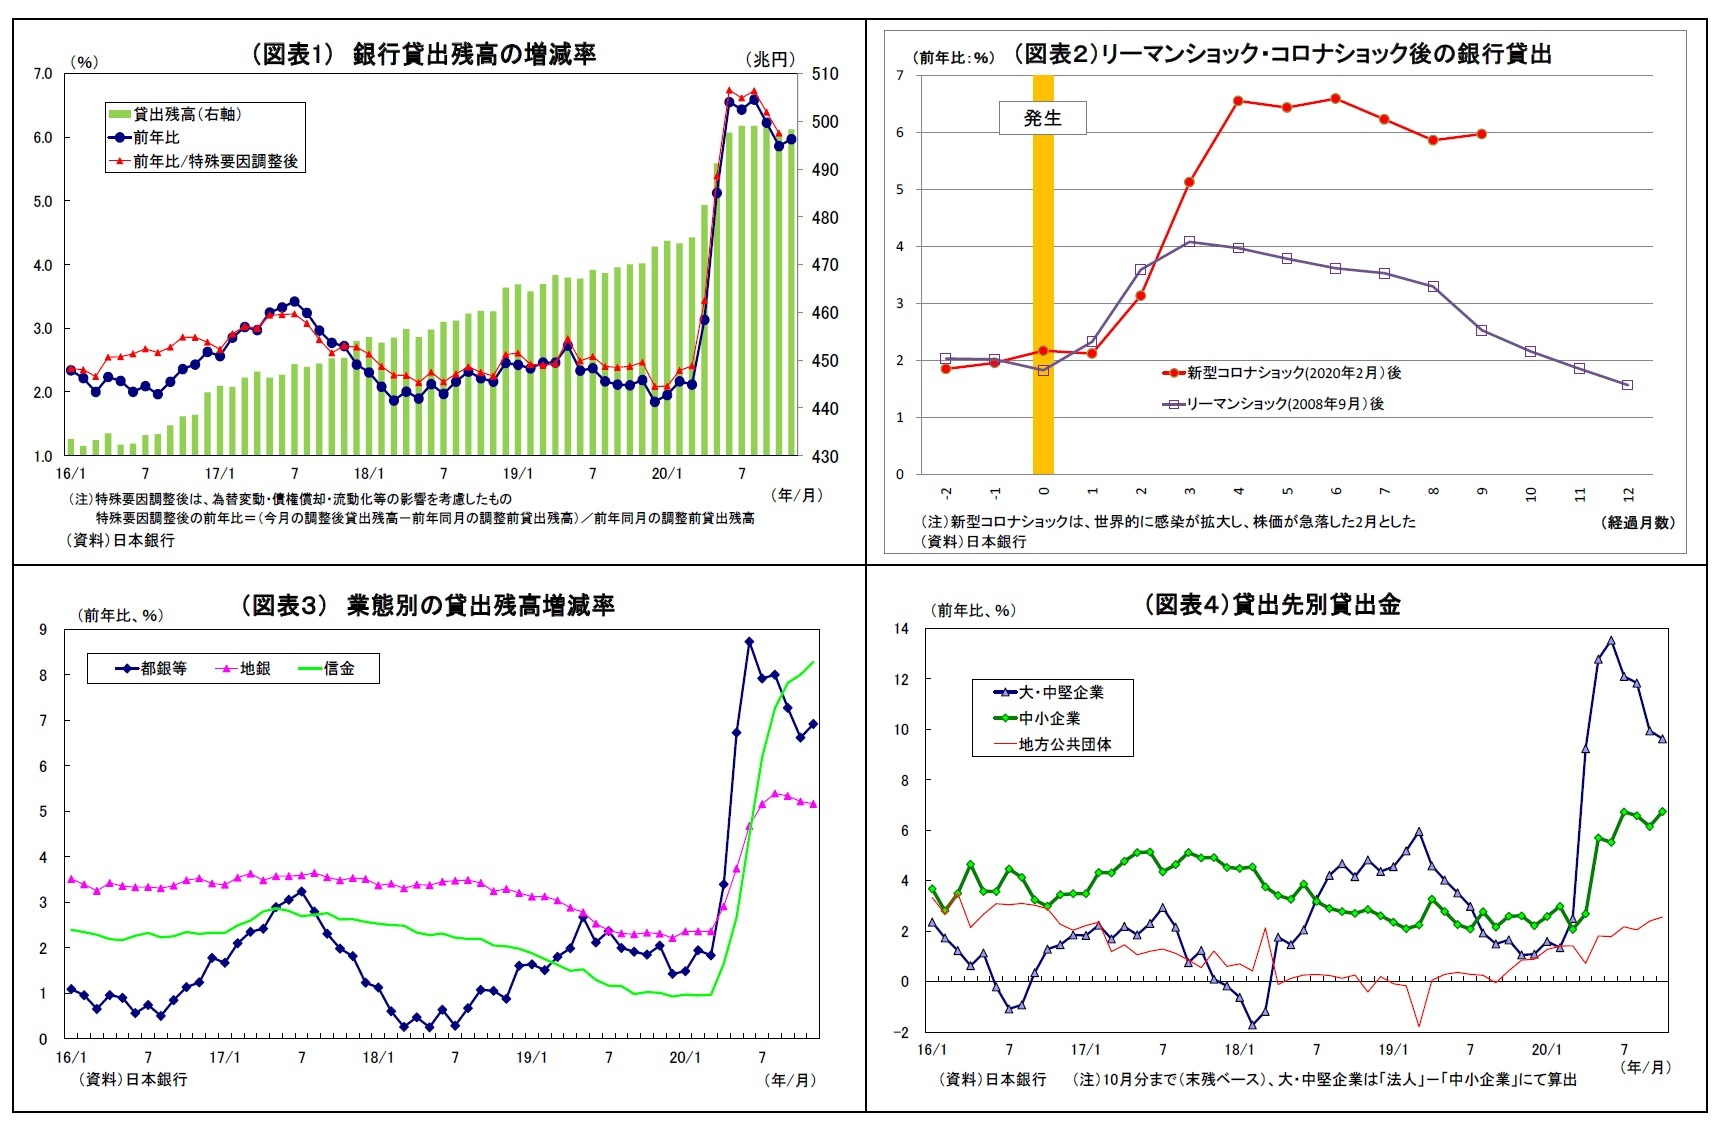 (図表1) 銀行貸出残高の増減率/(図表2)リーマンショック・コロナショック後の銀行貸出/(図表3) 業態別の貸出残高増減率/(図表4)貸出先別貸出金